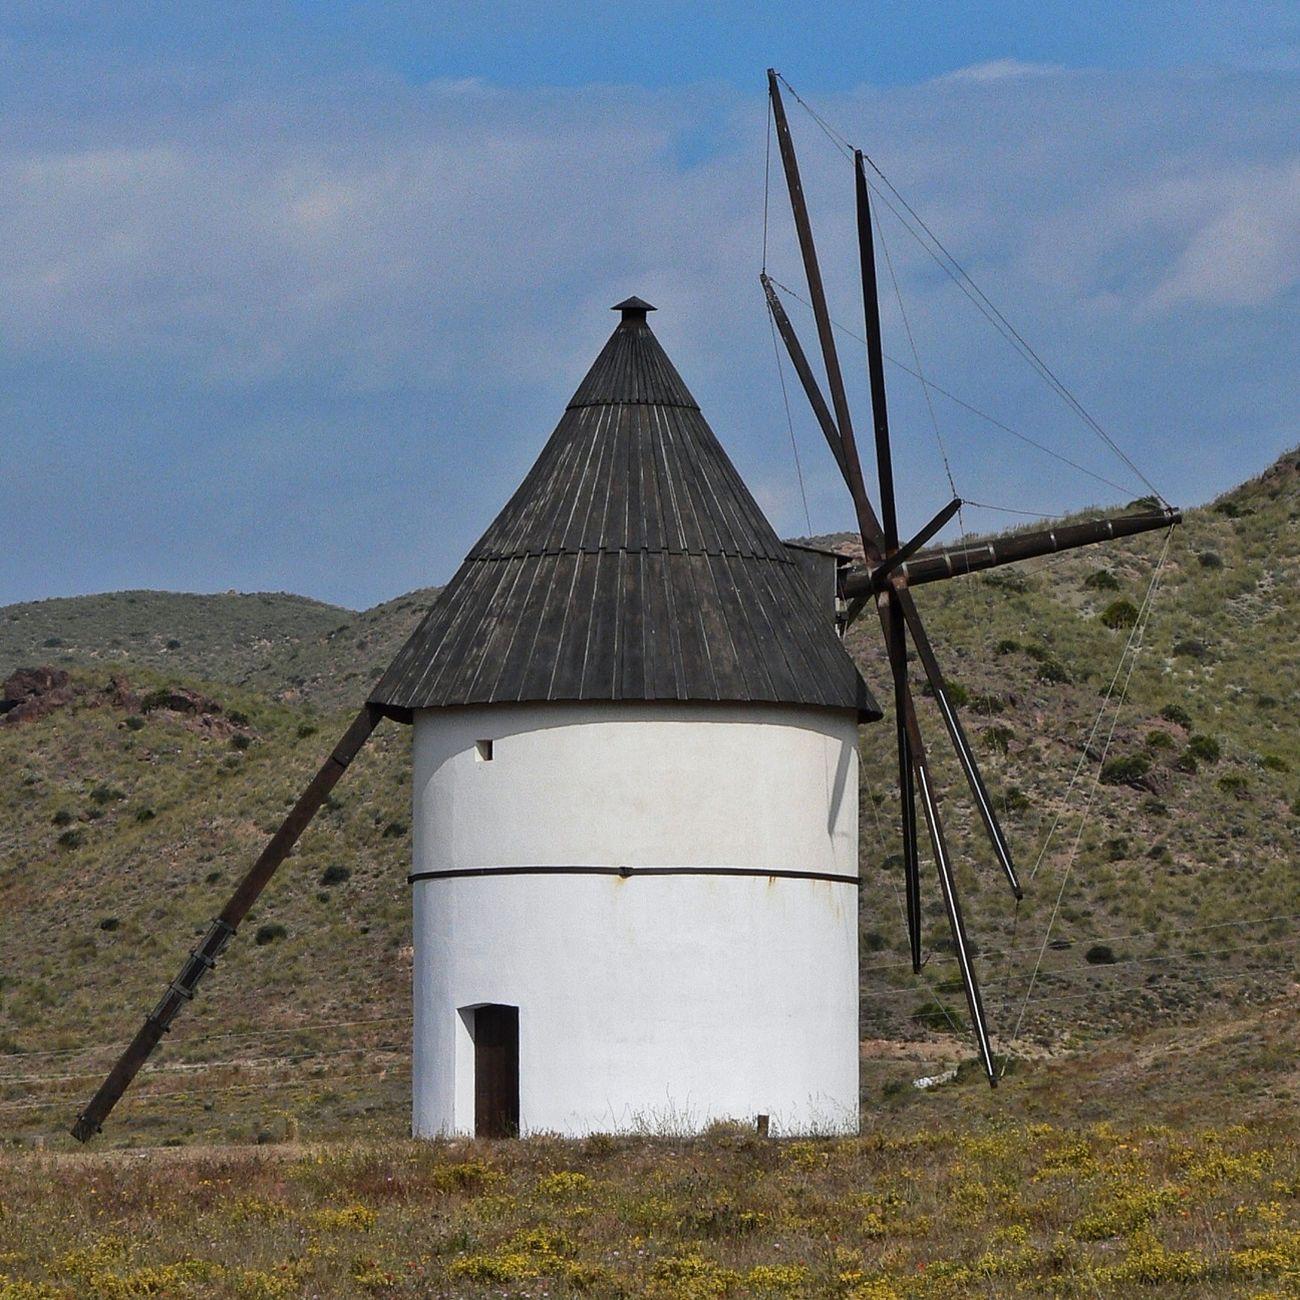 Those over there are not giants but windmills - Aquellos que allí parecen no son gigantes, sino molinos de viento - Aquells que allà es veuen no són gegants, sinó molins de vent. (